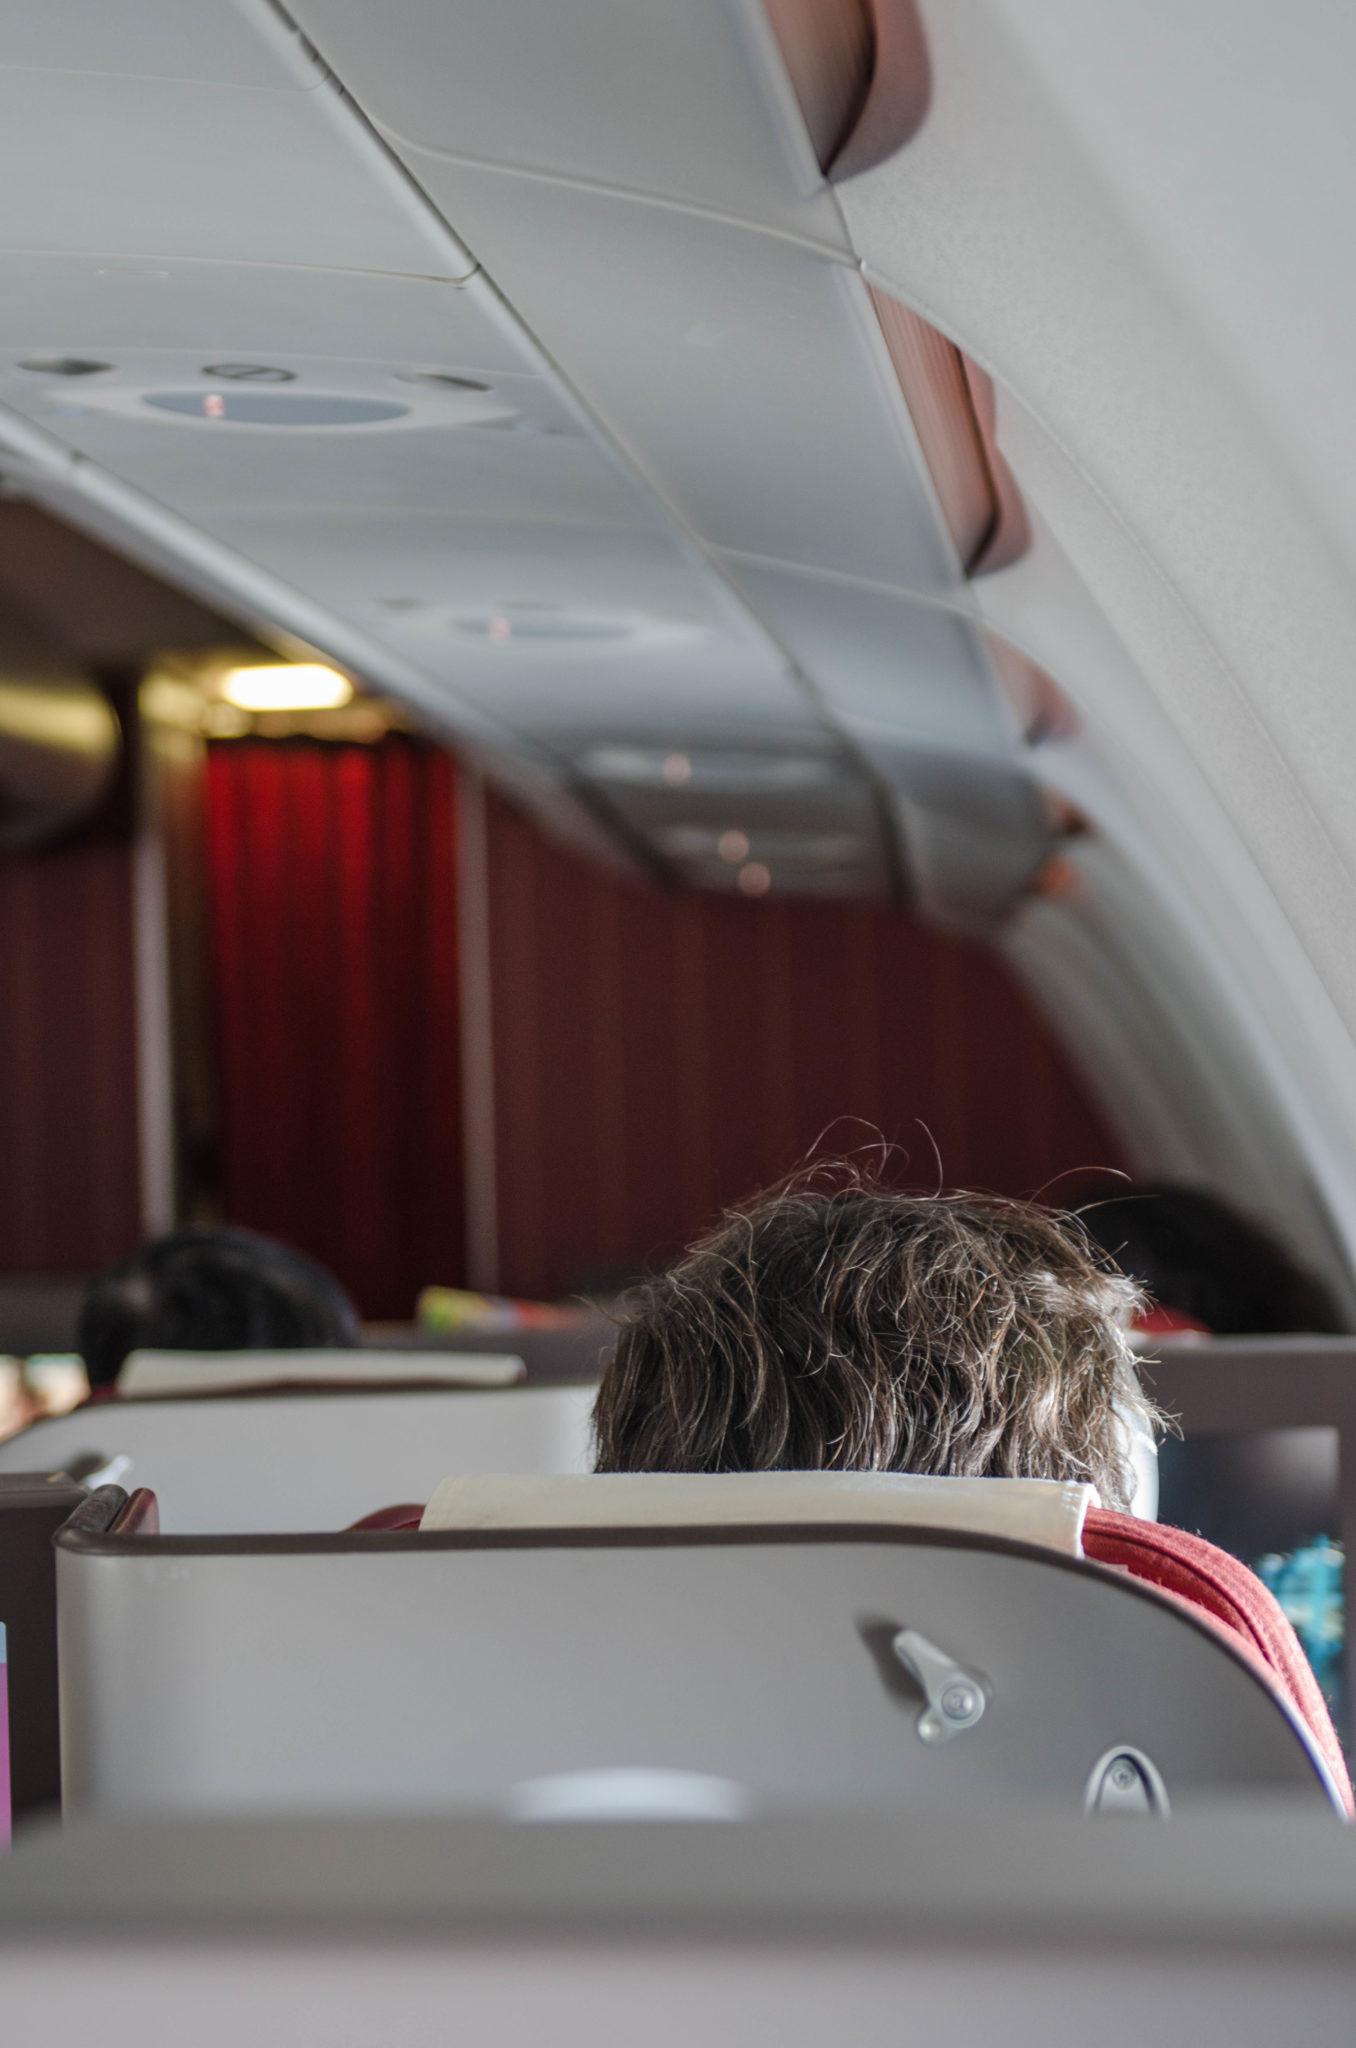 Freie Sicht: Wer in der Hainan Business Class am Fenster sitzt hat einen guten Ausblick